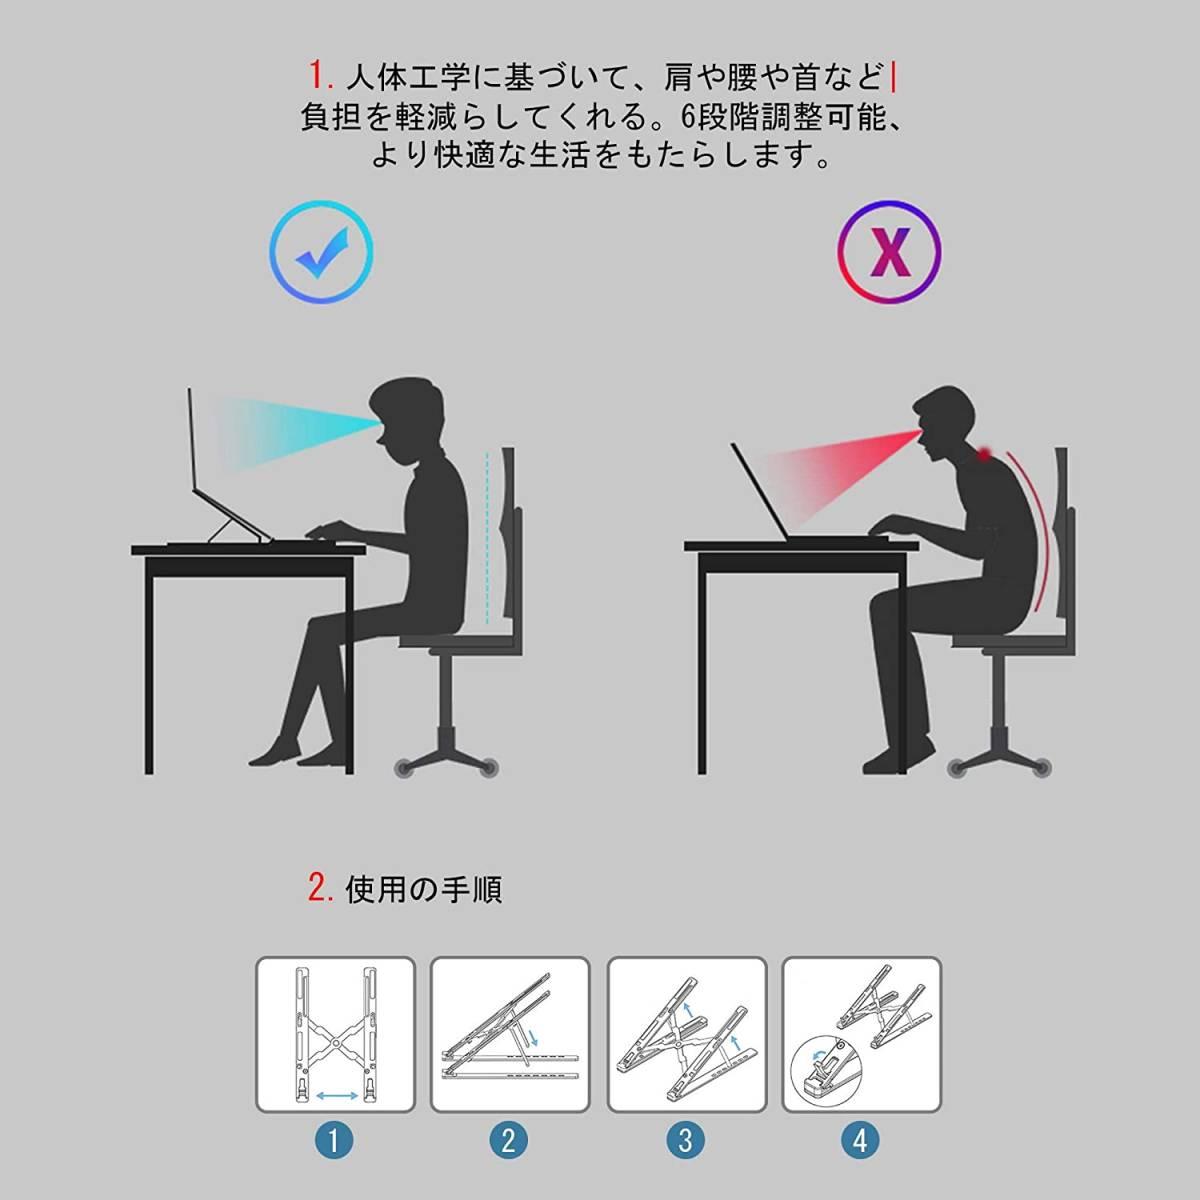 【新品】 ★交渉有・特価★ ノートパソコン スタンド 折りたたみ式 6段階角度高さ調整可能 PC ラップトップ パソコン 放熱対策 滑り止め